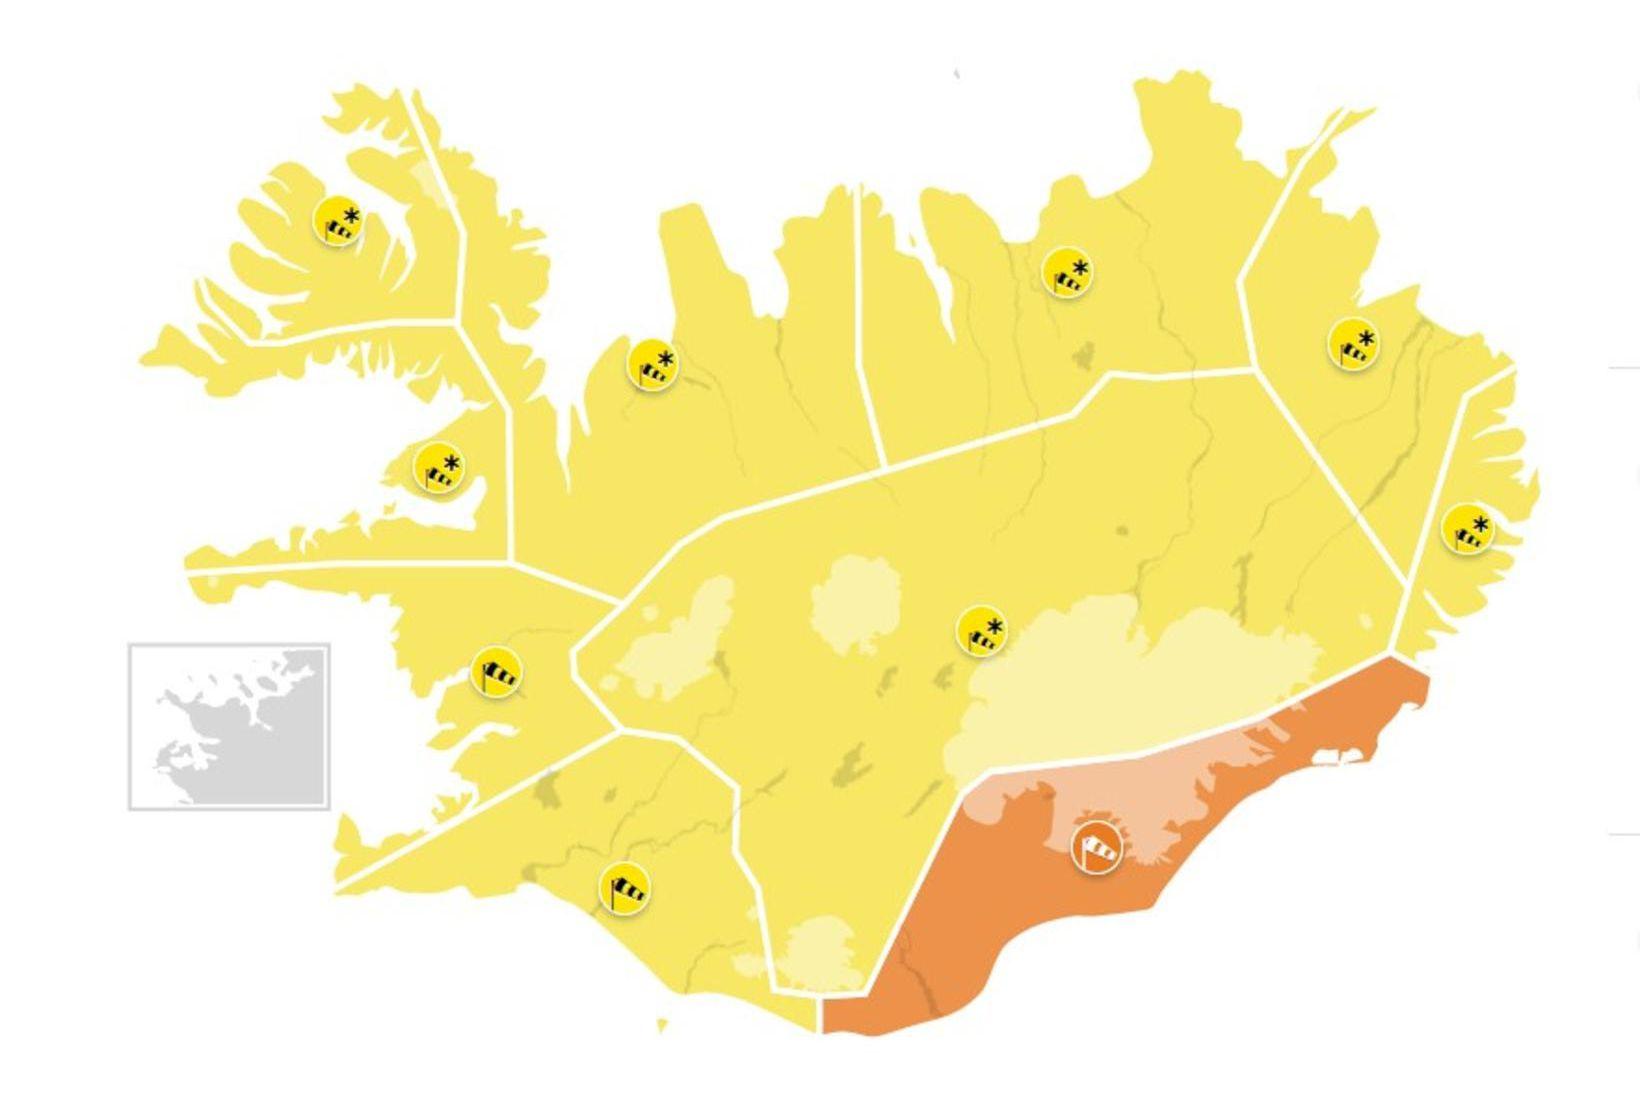 Gul viðvörun gildir um allt land, nema á Suðausturlandi. Þar …